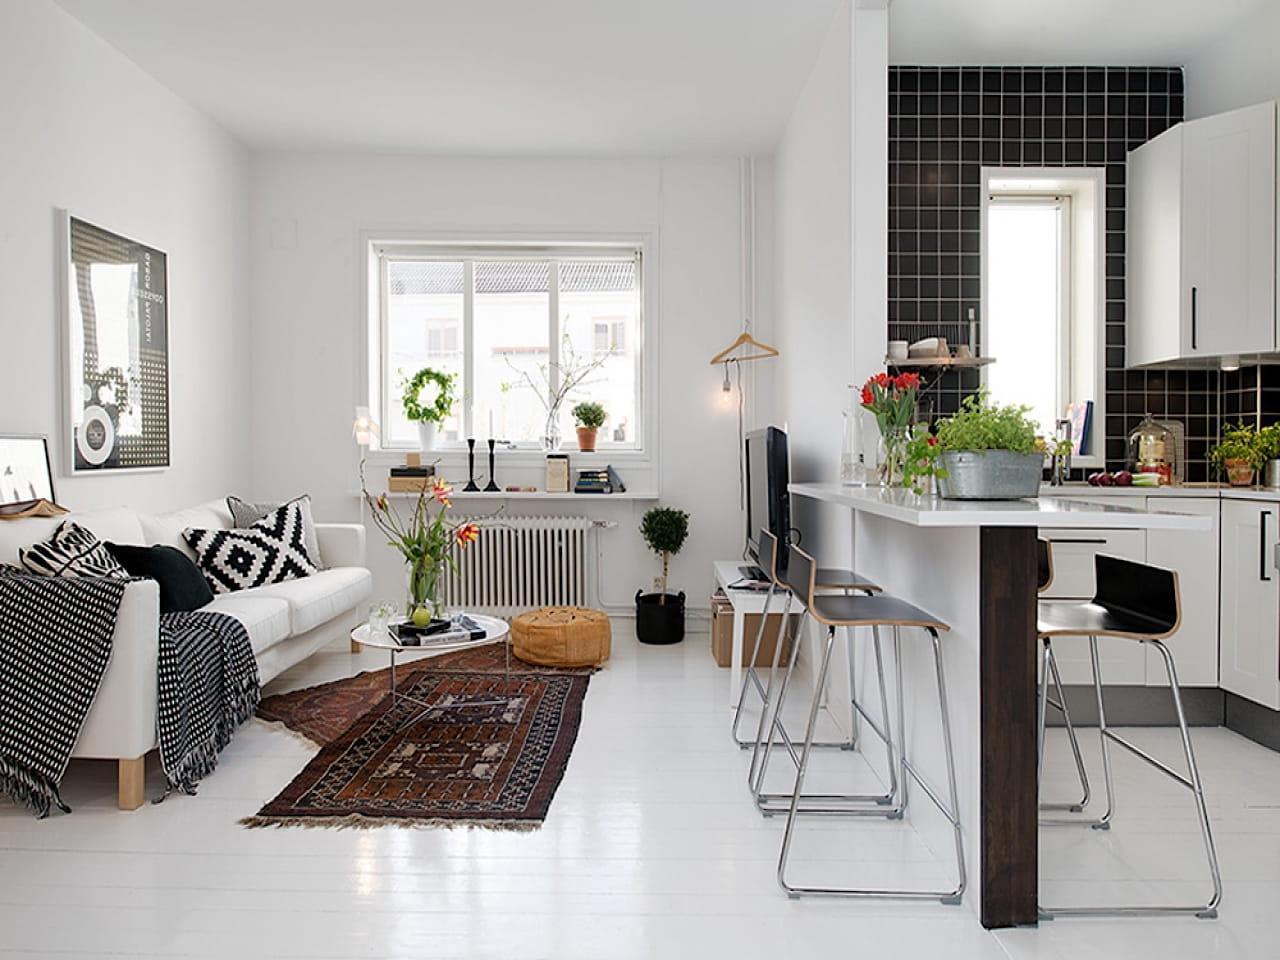 Барная стойка выполняет роль стола и разграничителя между комнатой и кухней